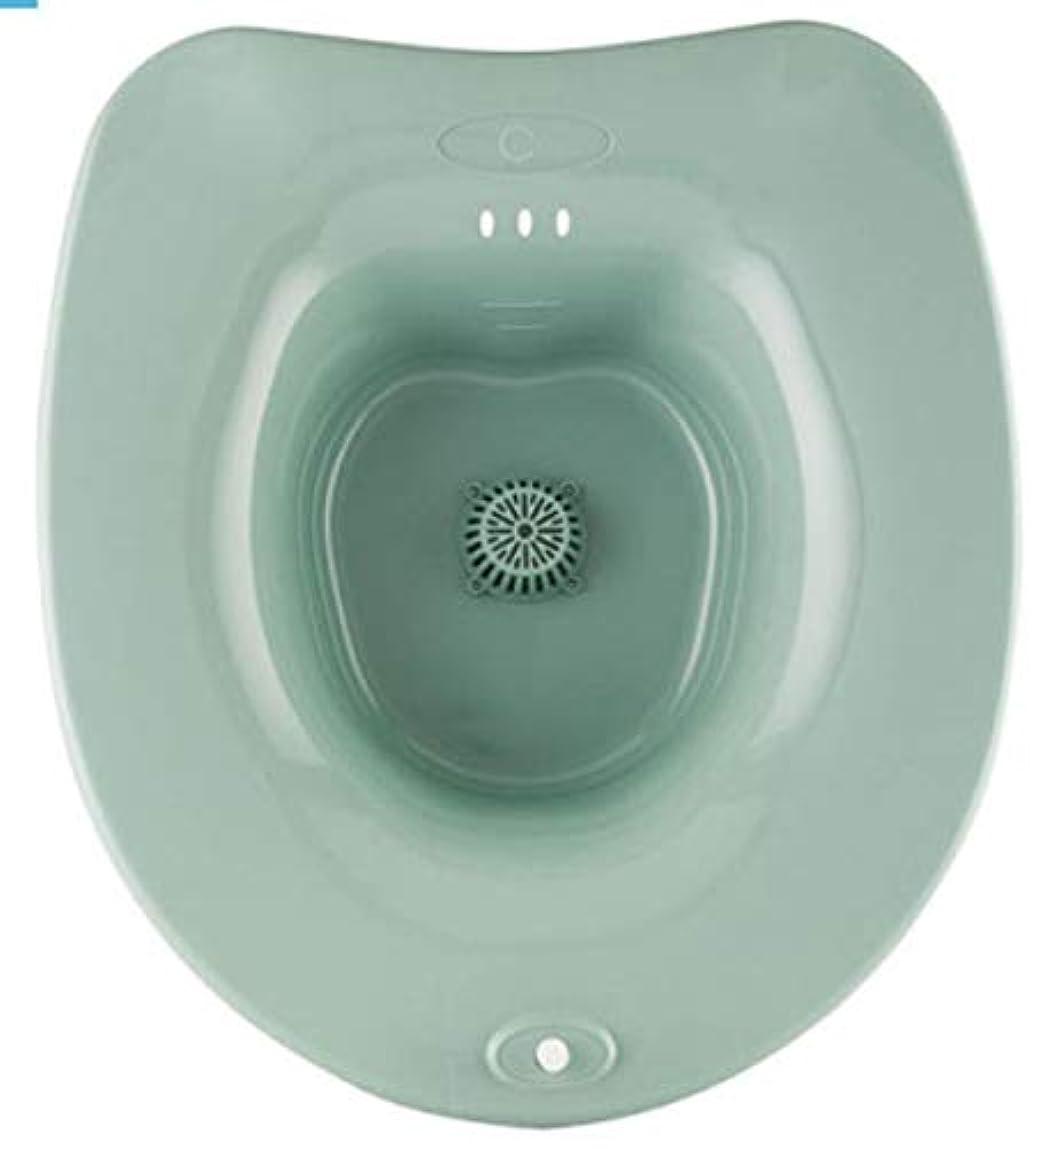 家事をする主張アーネストシャクルトン医師から座浴をお勧められた時、コードレス自動バブルお尻の座浴器、子宮健康、痔の悩み清潔、、、